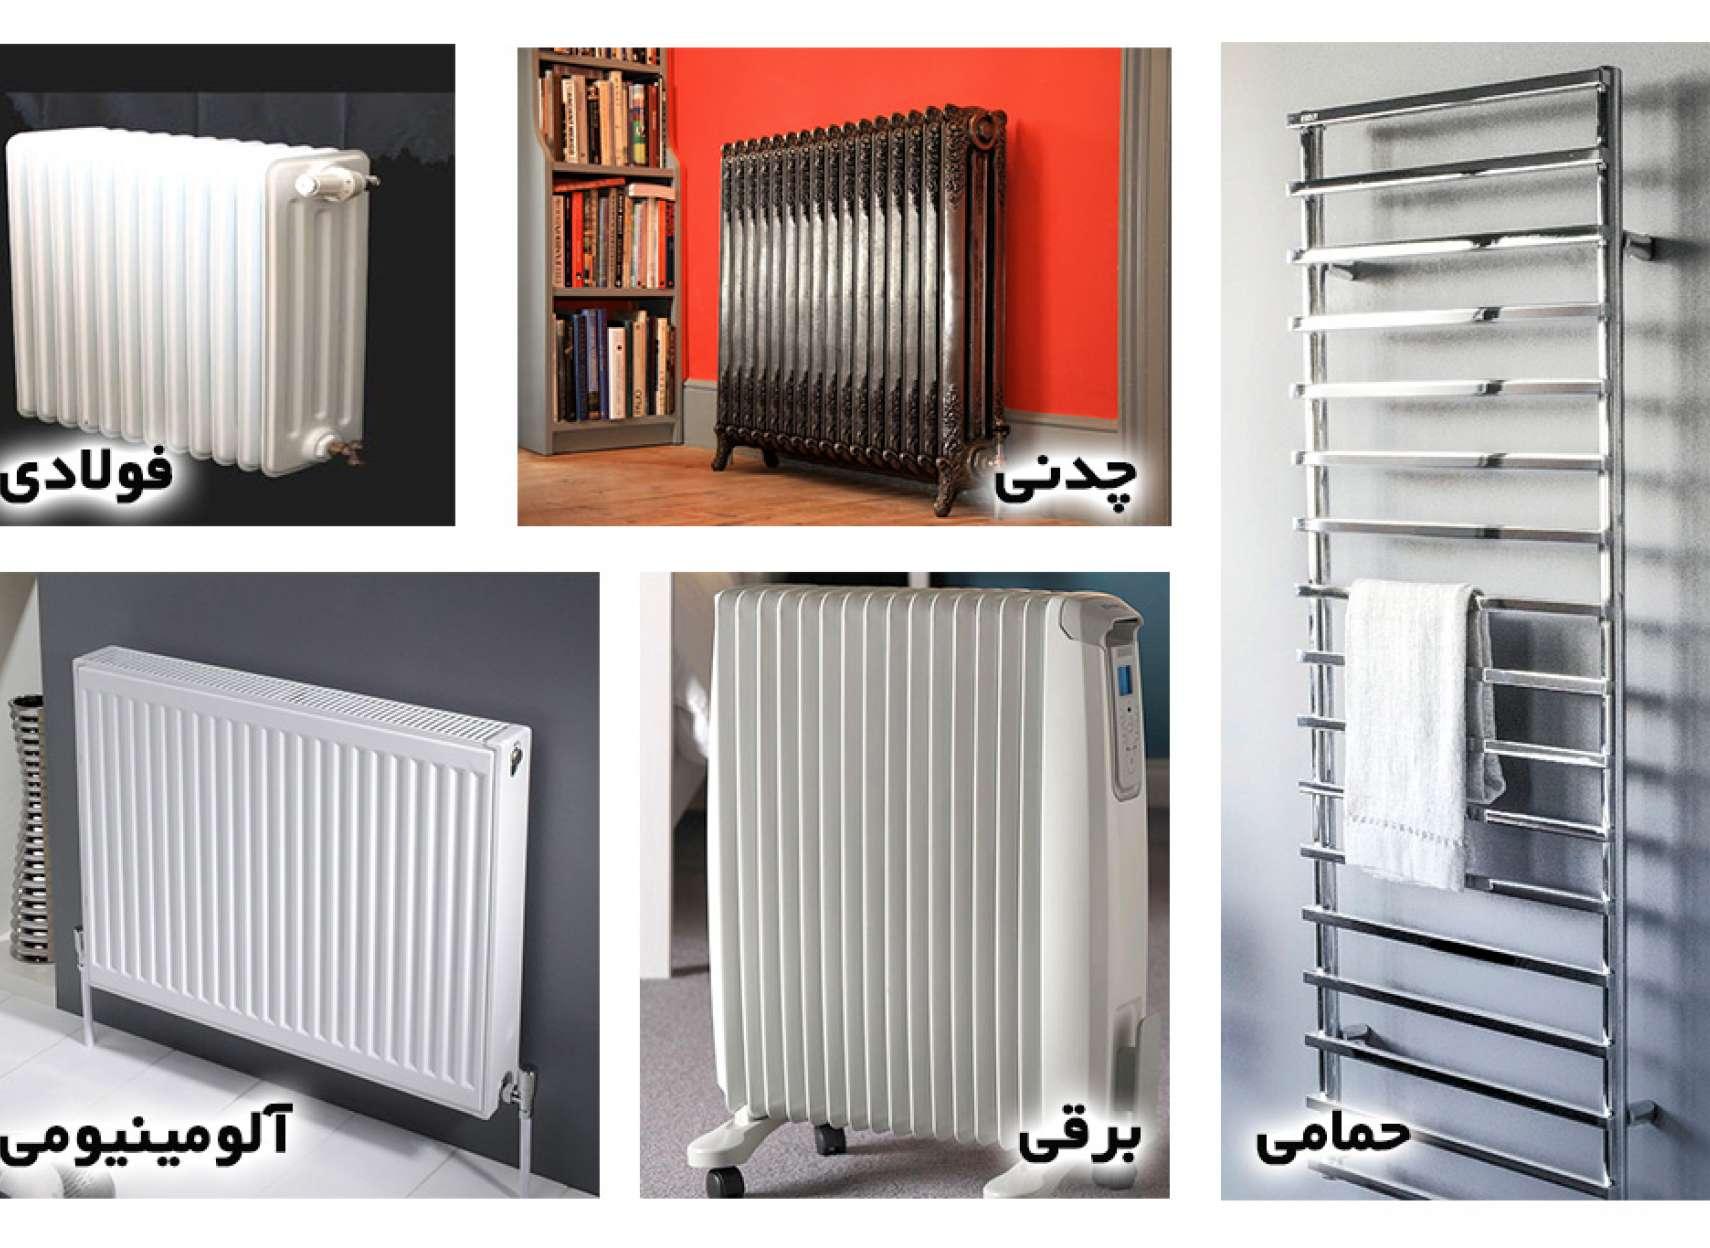 home-ramandi-radiator